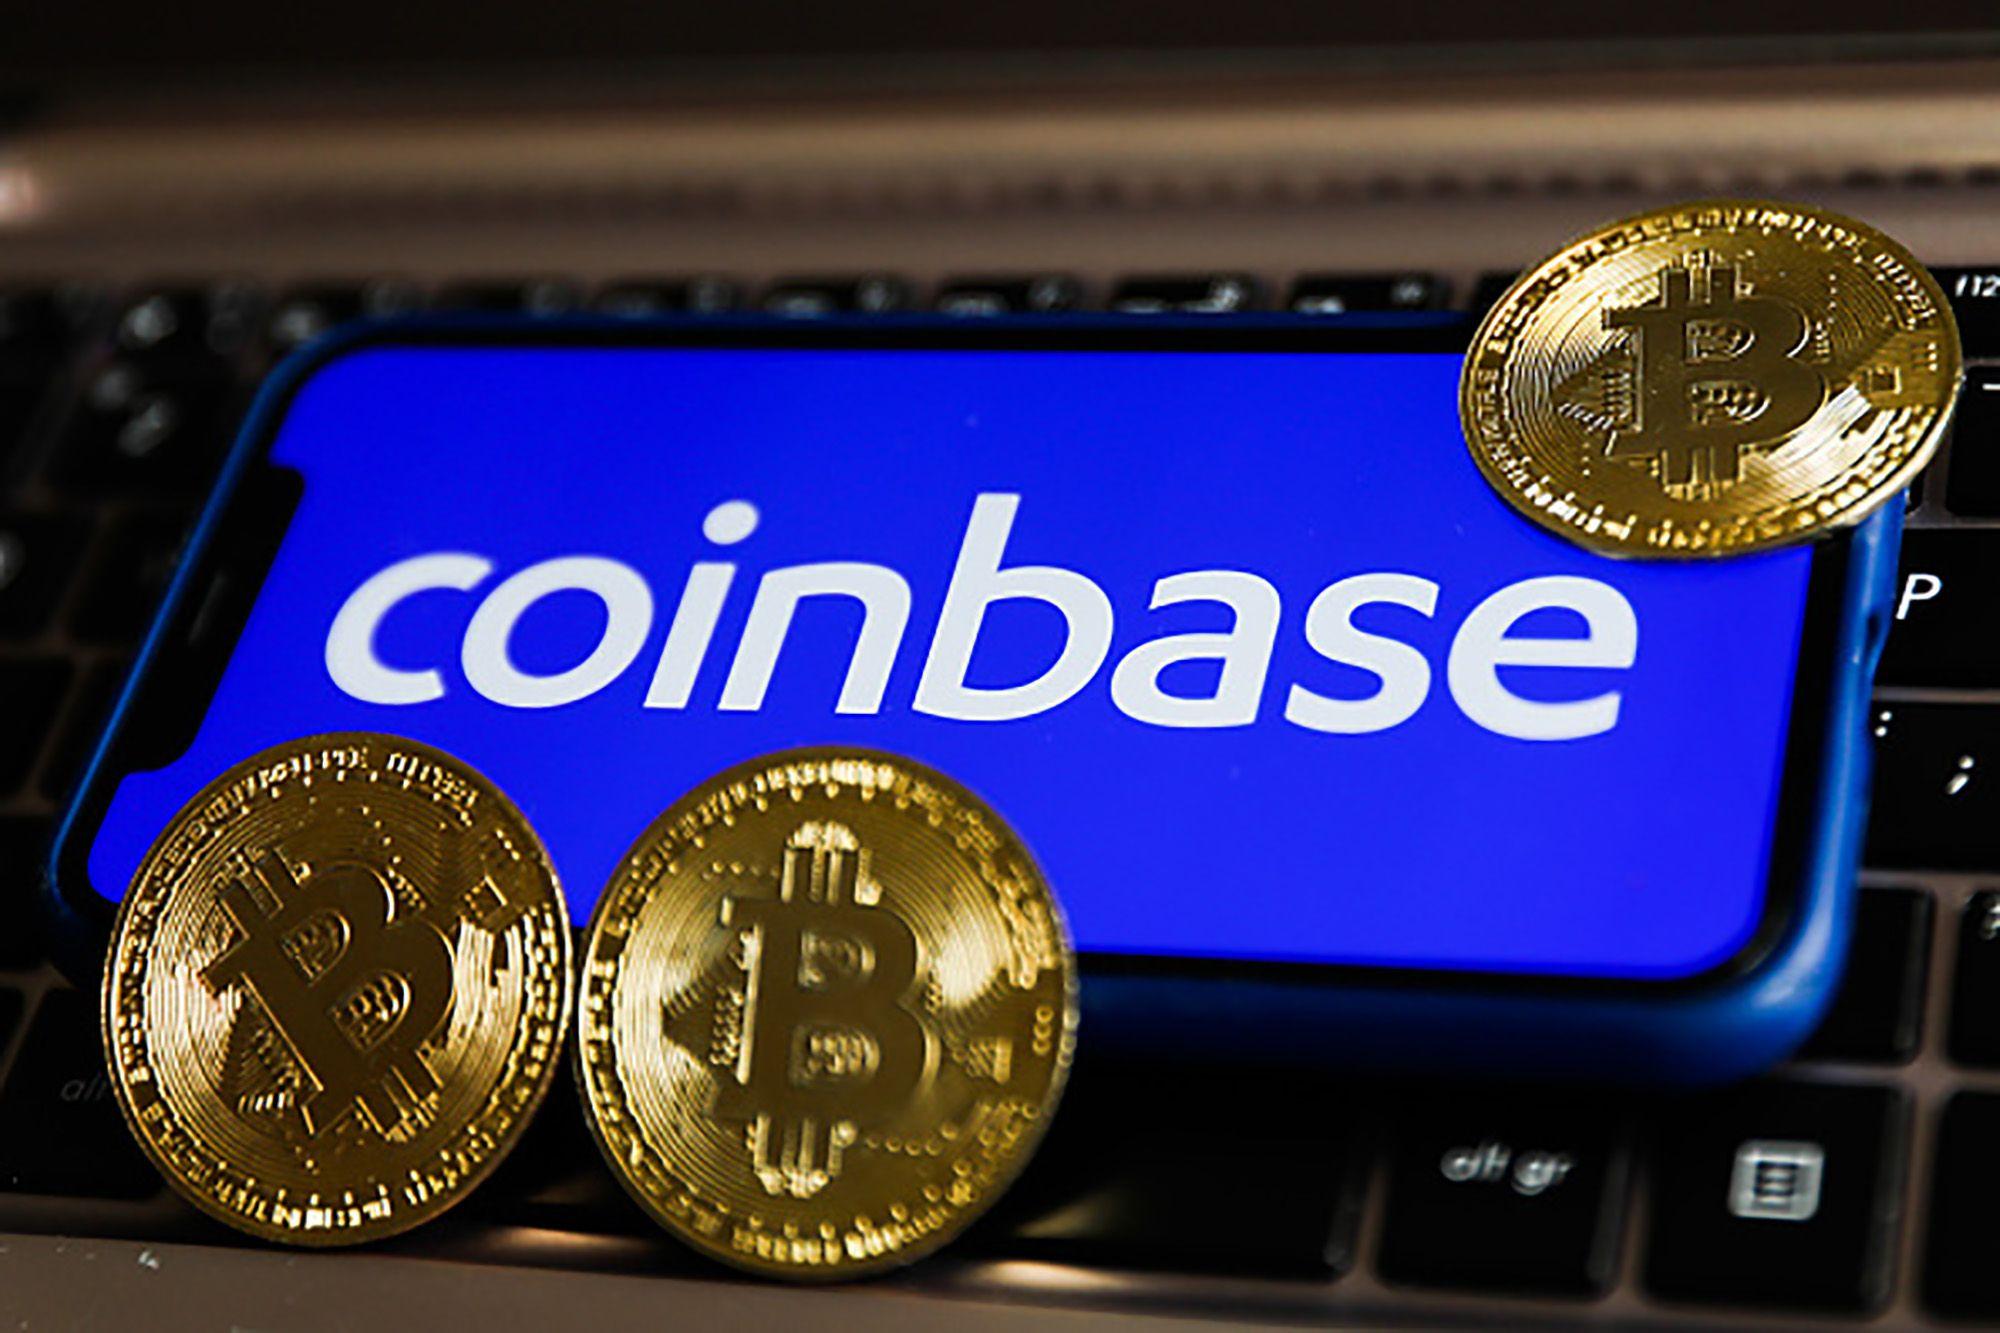 Хакеры украли криптовалюту со счетов 6000 пользователей Coinbase